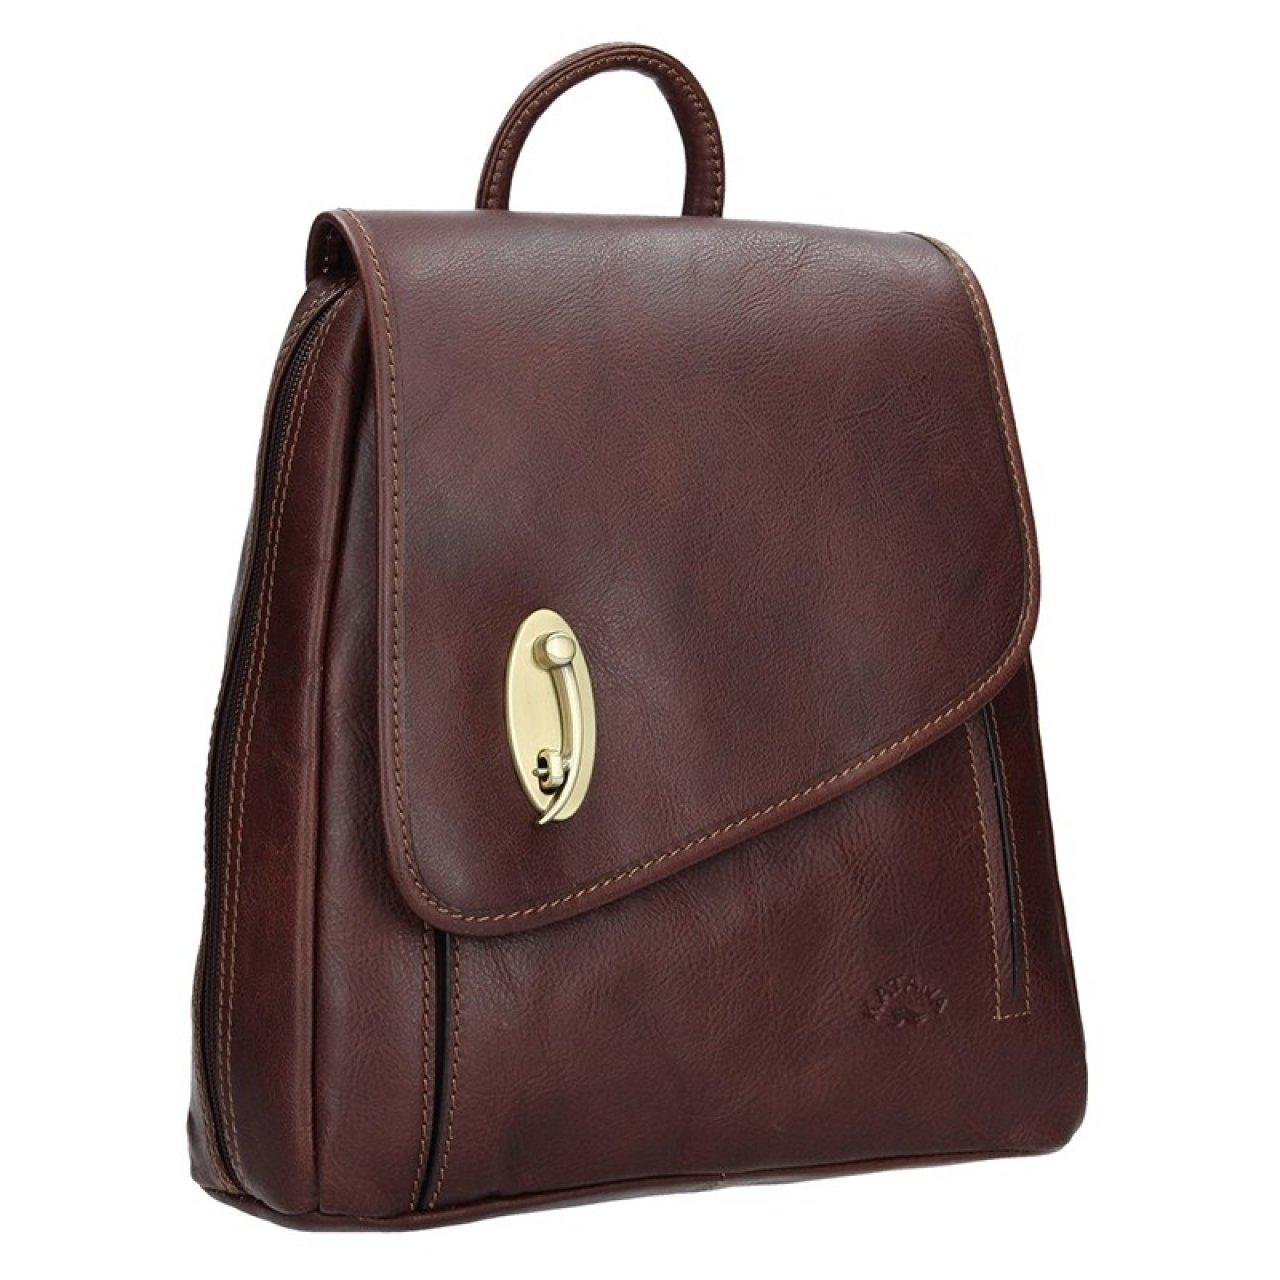 20608ff65a6 Elegantní dámský kožený batoh Katana Nora - tmavě hnědá